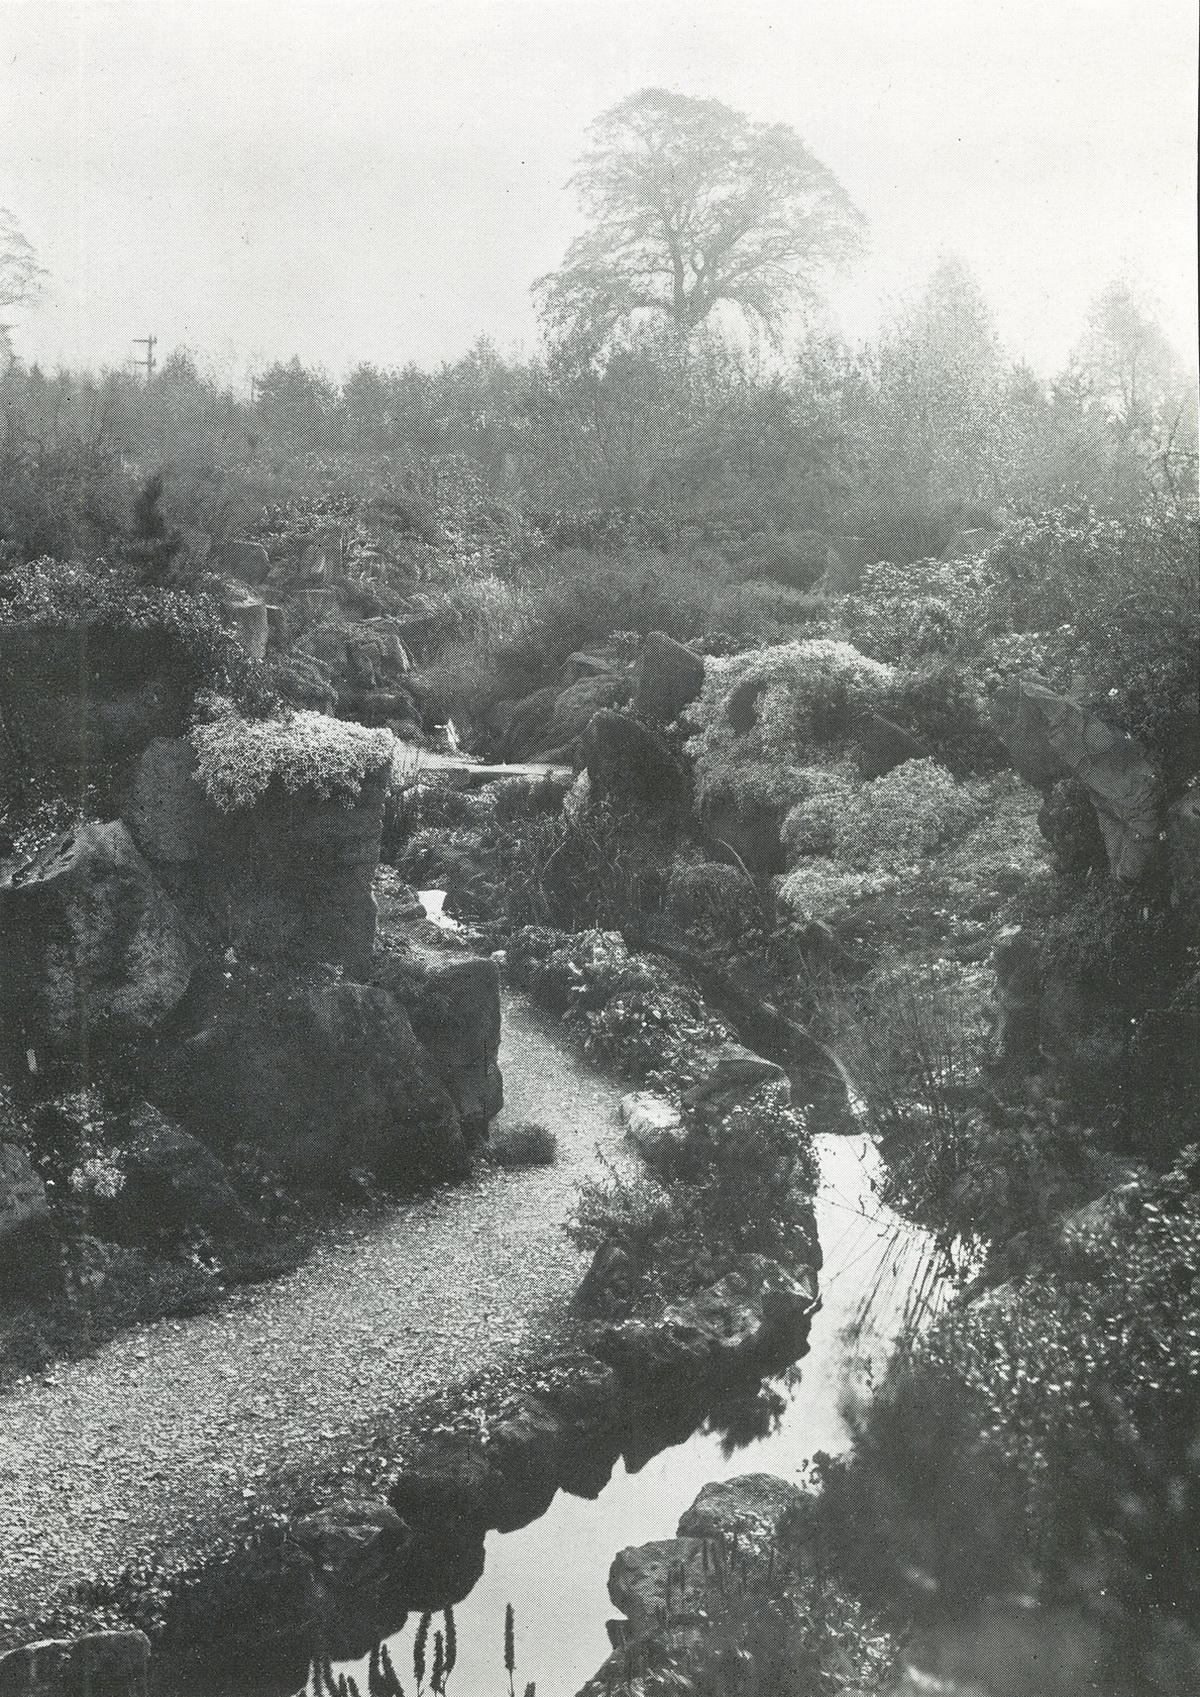 Burnby Rock Garden: somewhere between 1920 and 1920